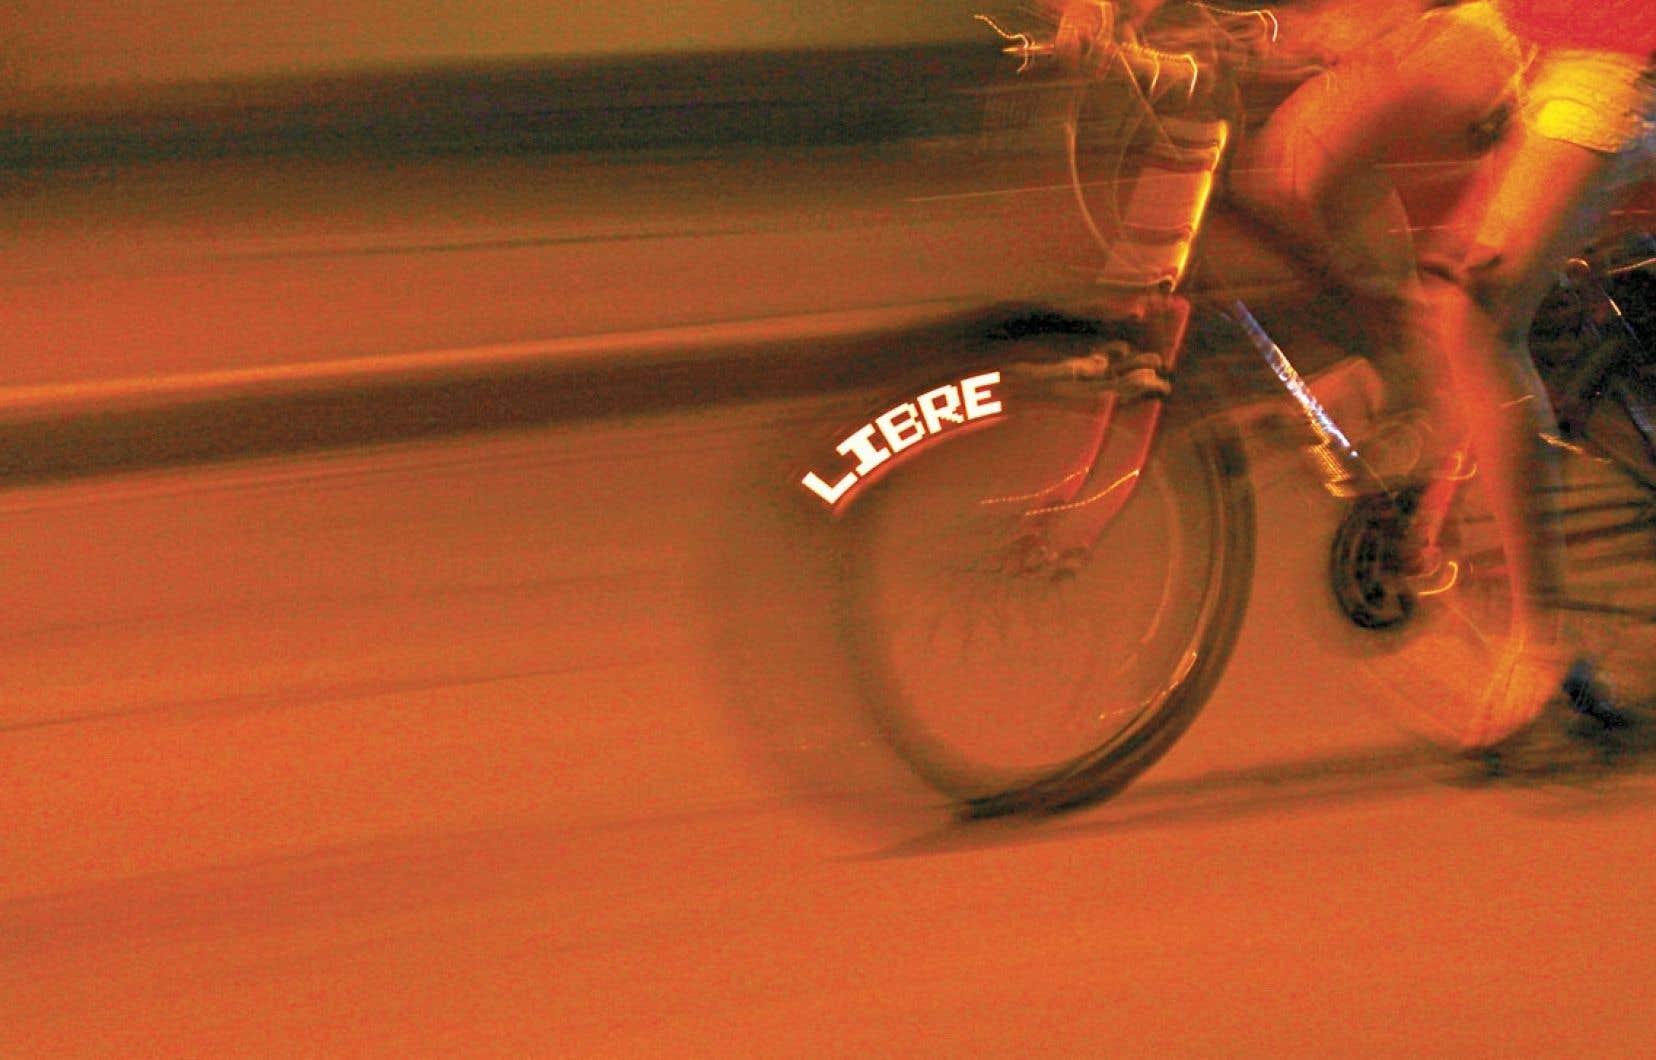 Lors d'un atelier Agit P.O.V (pour « petit objet vélo » ou «persistence of vision »), les participants composent un message d'un mot, à peine plus. Un microprocesseur et son circuit d'ampoules DEL l'attacheront aux rayons d'une roue de vélo. Puis, l'énergie du cycliste et l'effet de persistance rétinienne feront apparaître les lettres. Depuis un an, de tels ateliers ont été donnés à Ottawa et à Toronto, au Nouveau-Brunswick, en Belgique, en Tunisie et en Colombie.